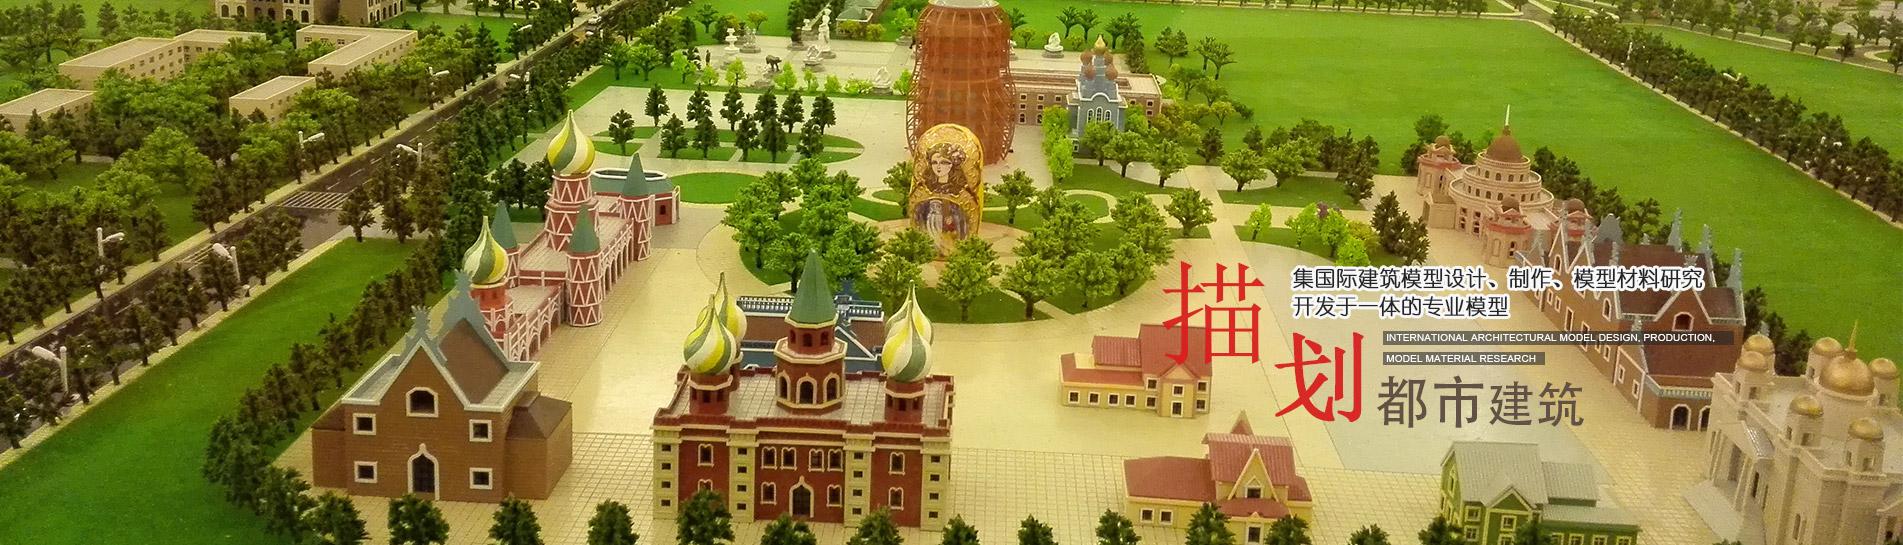 上海沙盤模型公司